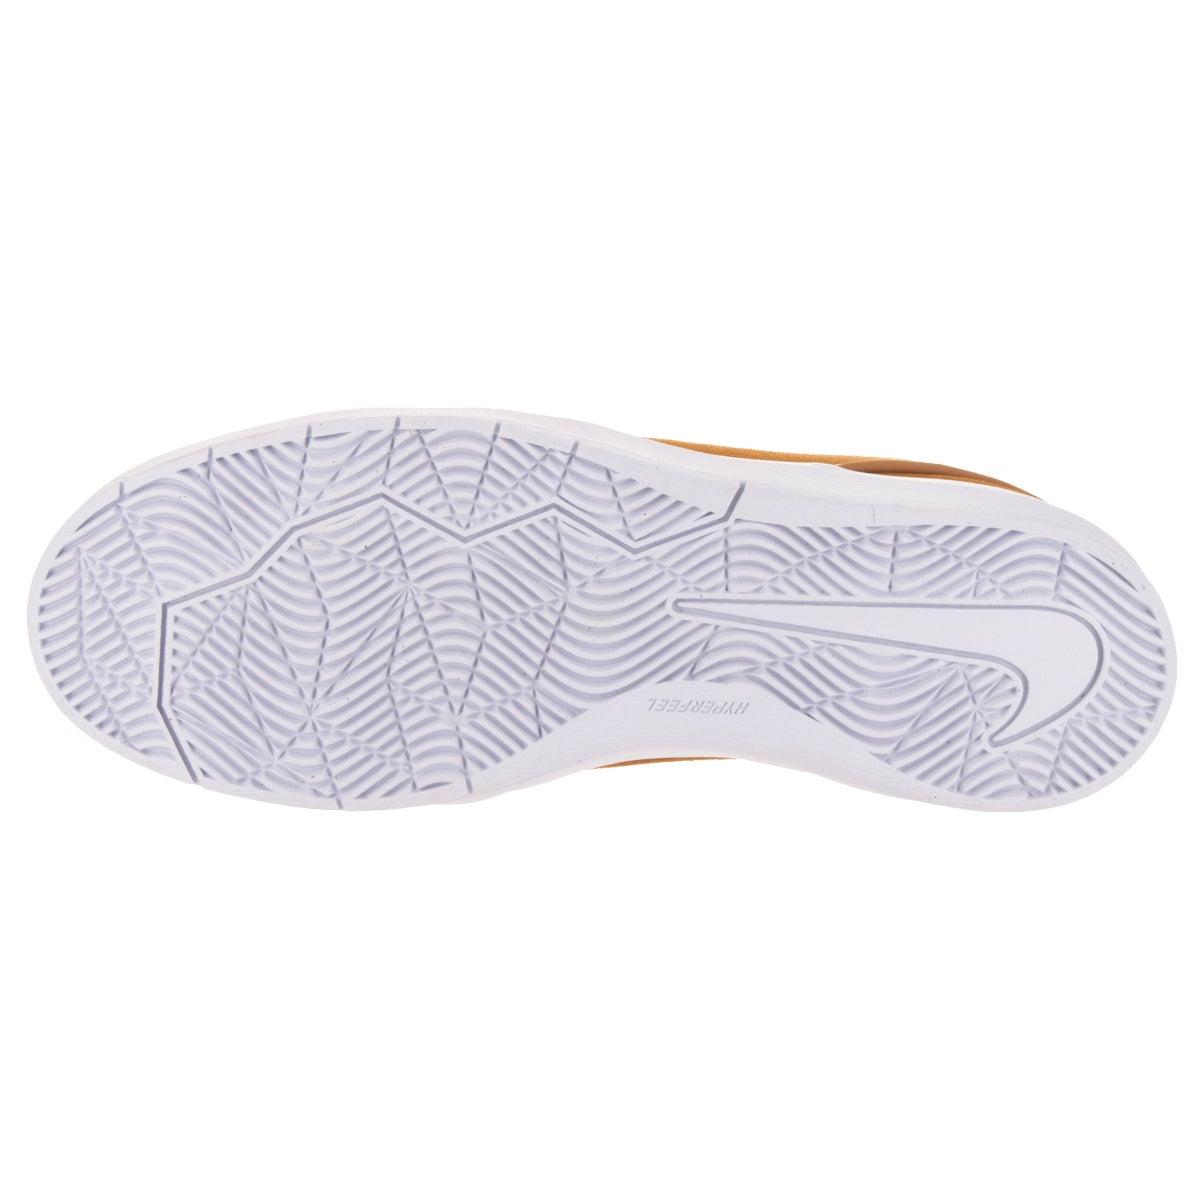 best website 6c879 04ebc Shop Nike Men s SB Stefan Janoski Hyperfeel Skate Shoe - Ships To Canada -  Overstock.ca - 14084039